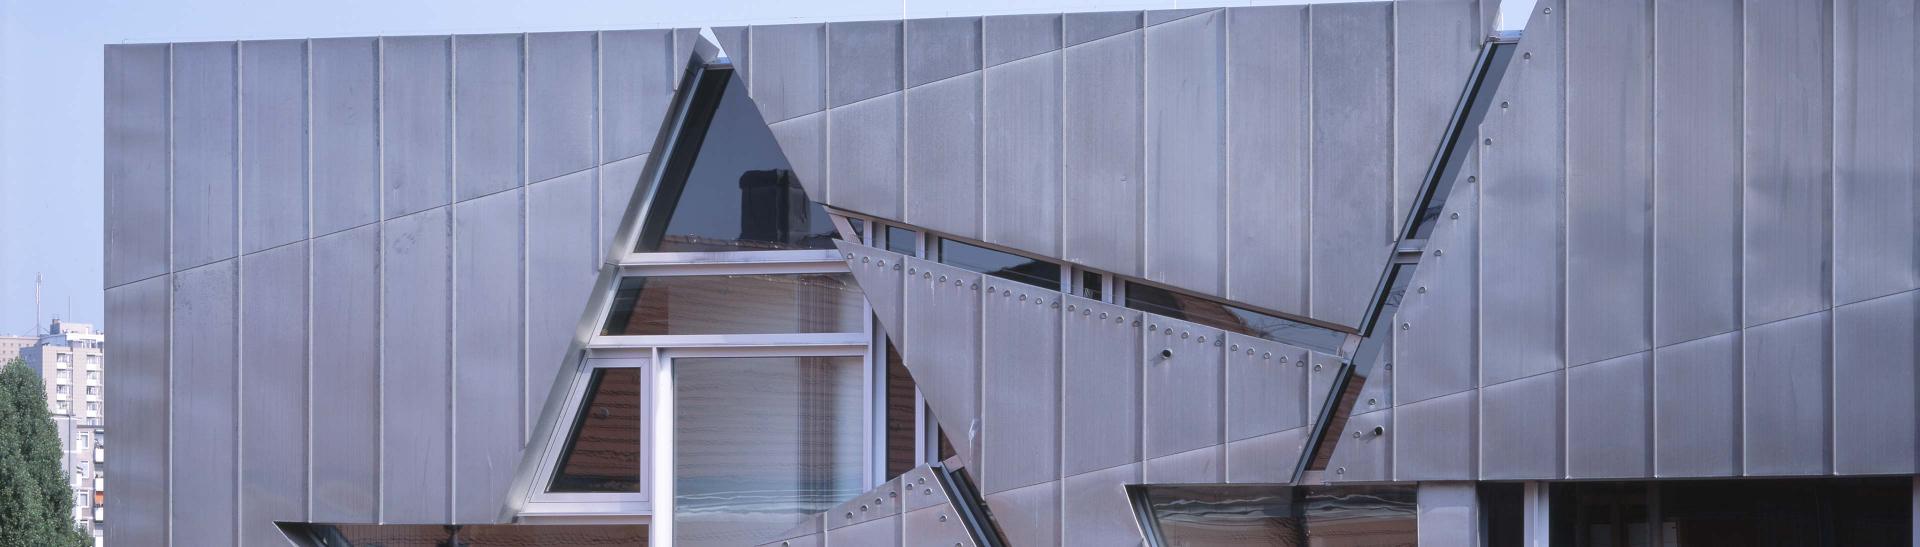 Teil der Fassade des Libeskind-Baus aus grauem Titanzink, mit einem dreieckigen Fenster